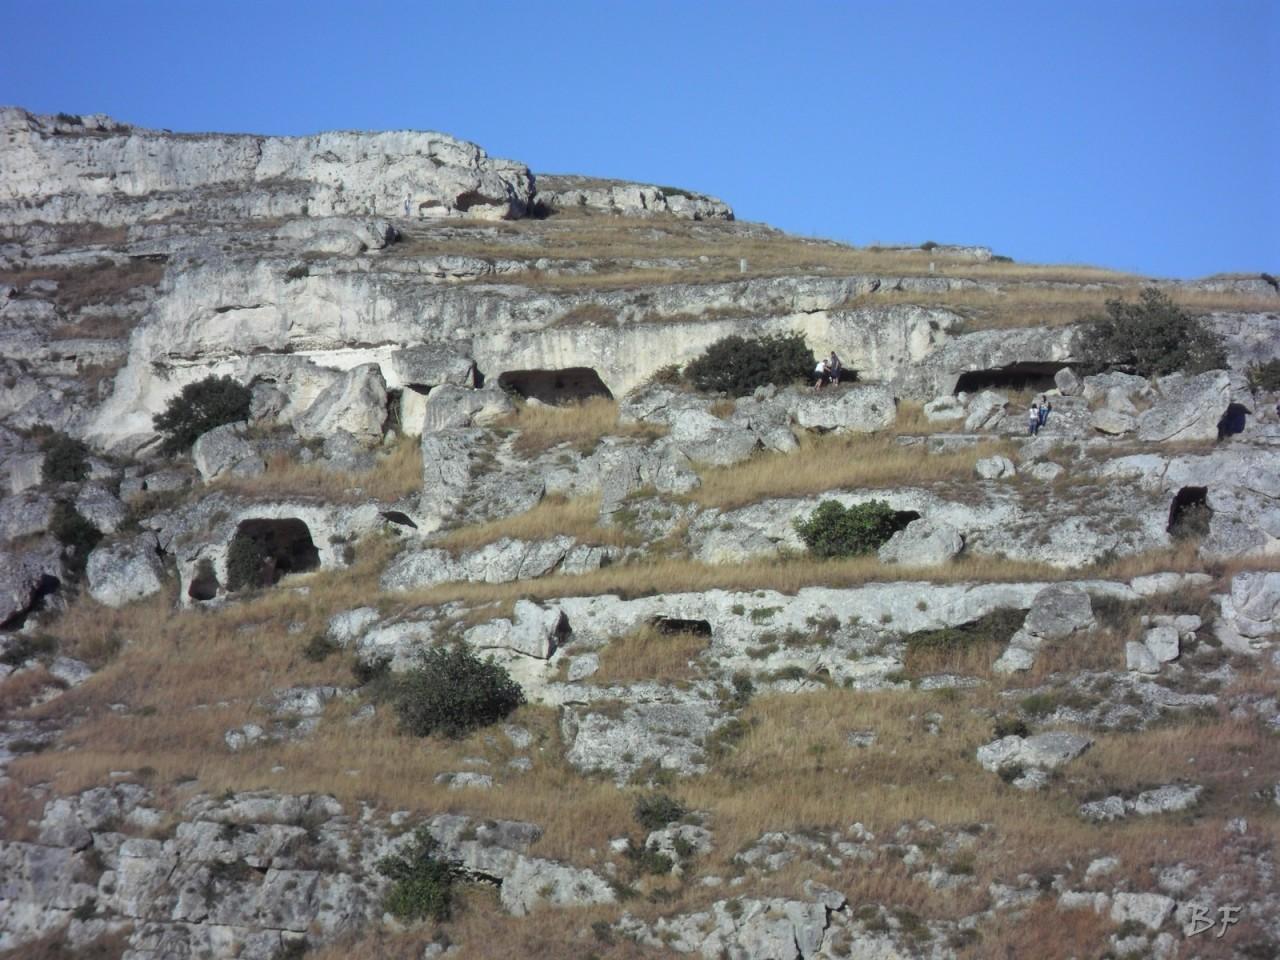 Sasso-Caveoso-Edifici-Rupestri-Megaliti-Sassi-di-Matera-basilicata-Italia-4